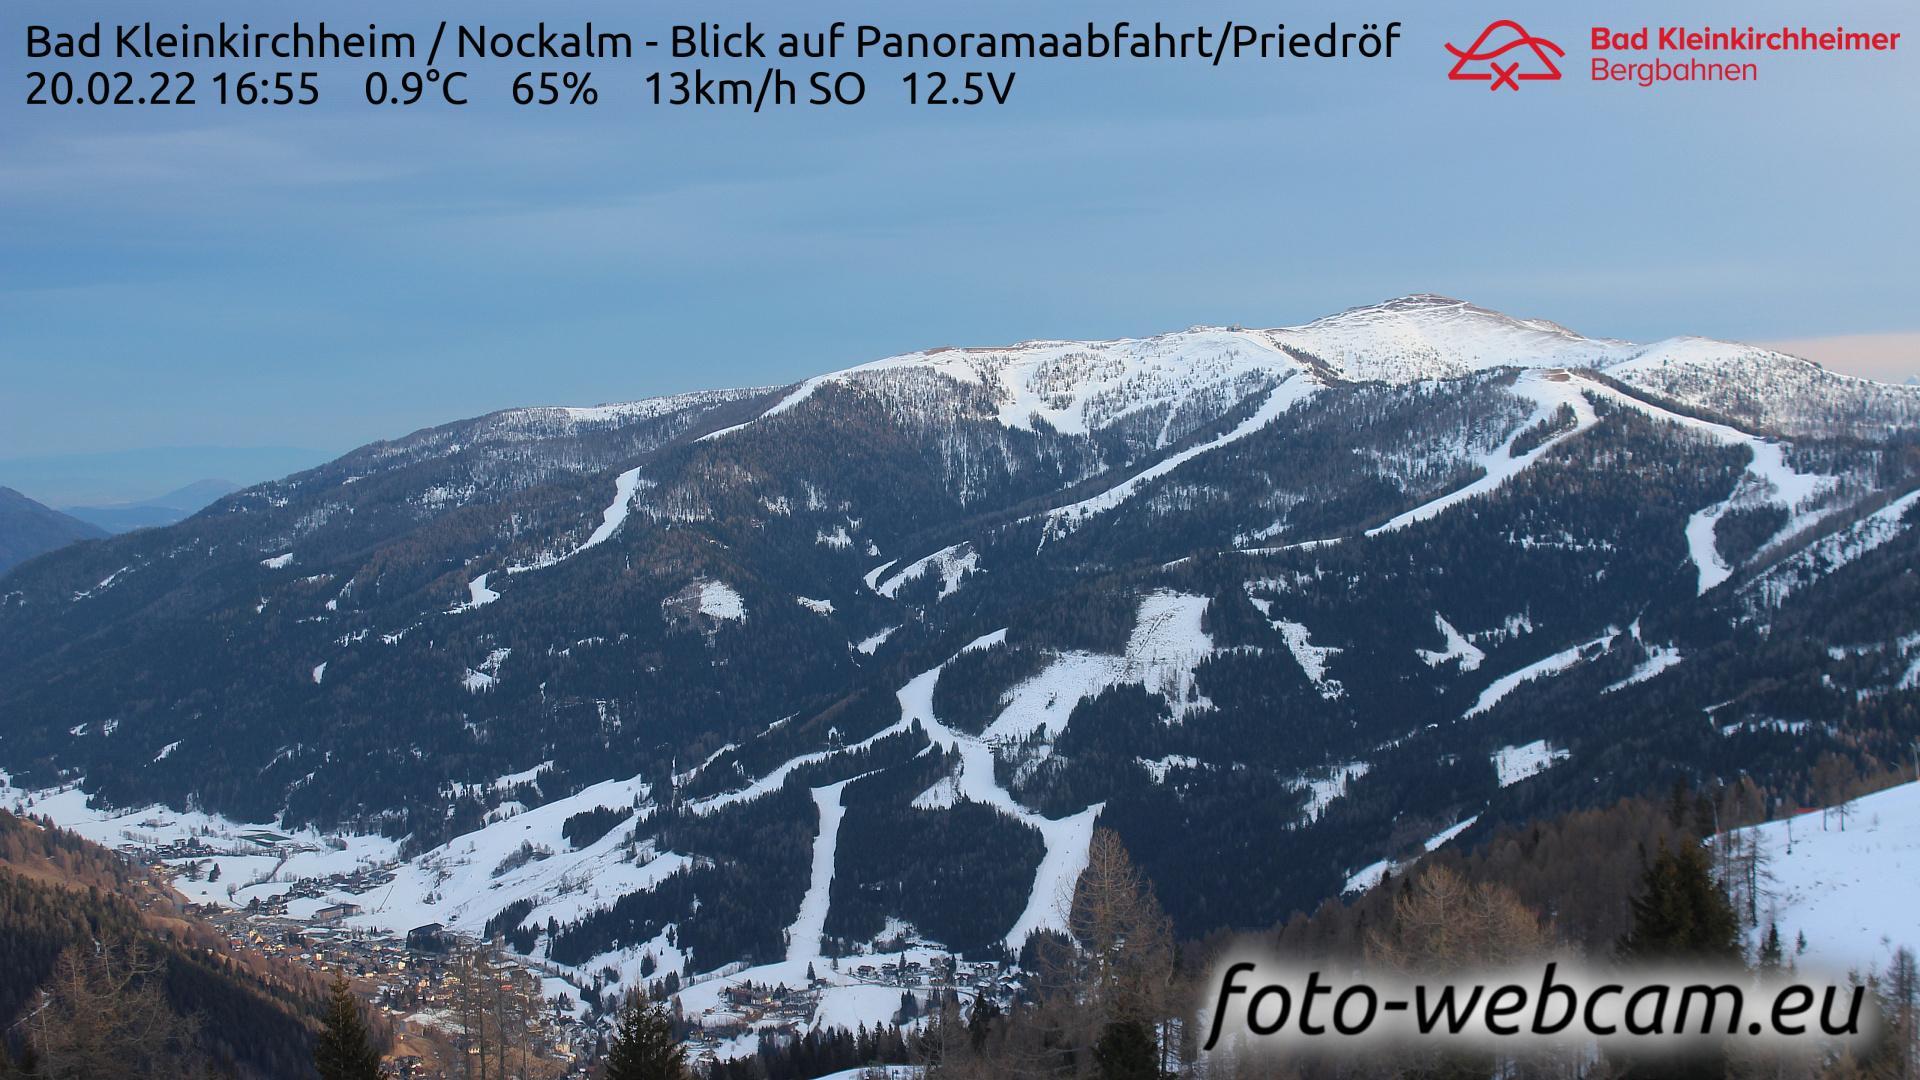 Webcam Staudach: Bad Kleinkirchheim − Nockalm − Blick auf